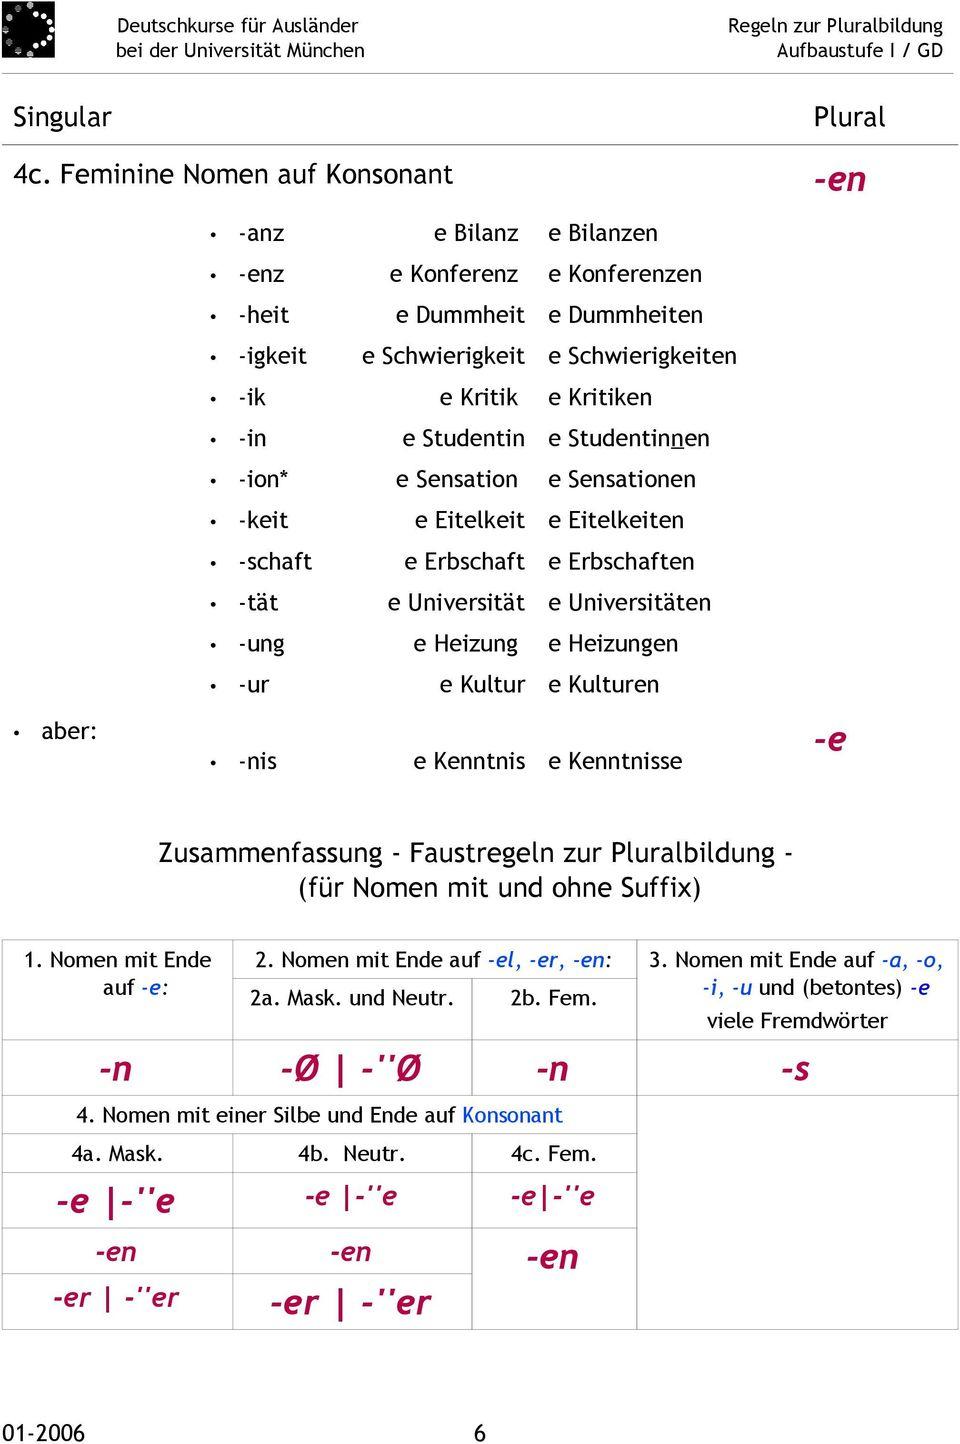 Regeln Zur Pluralbildung - Pdf Kostenfreier Download bestimmt für Nomen Mit O